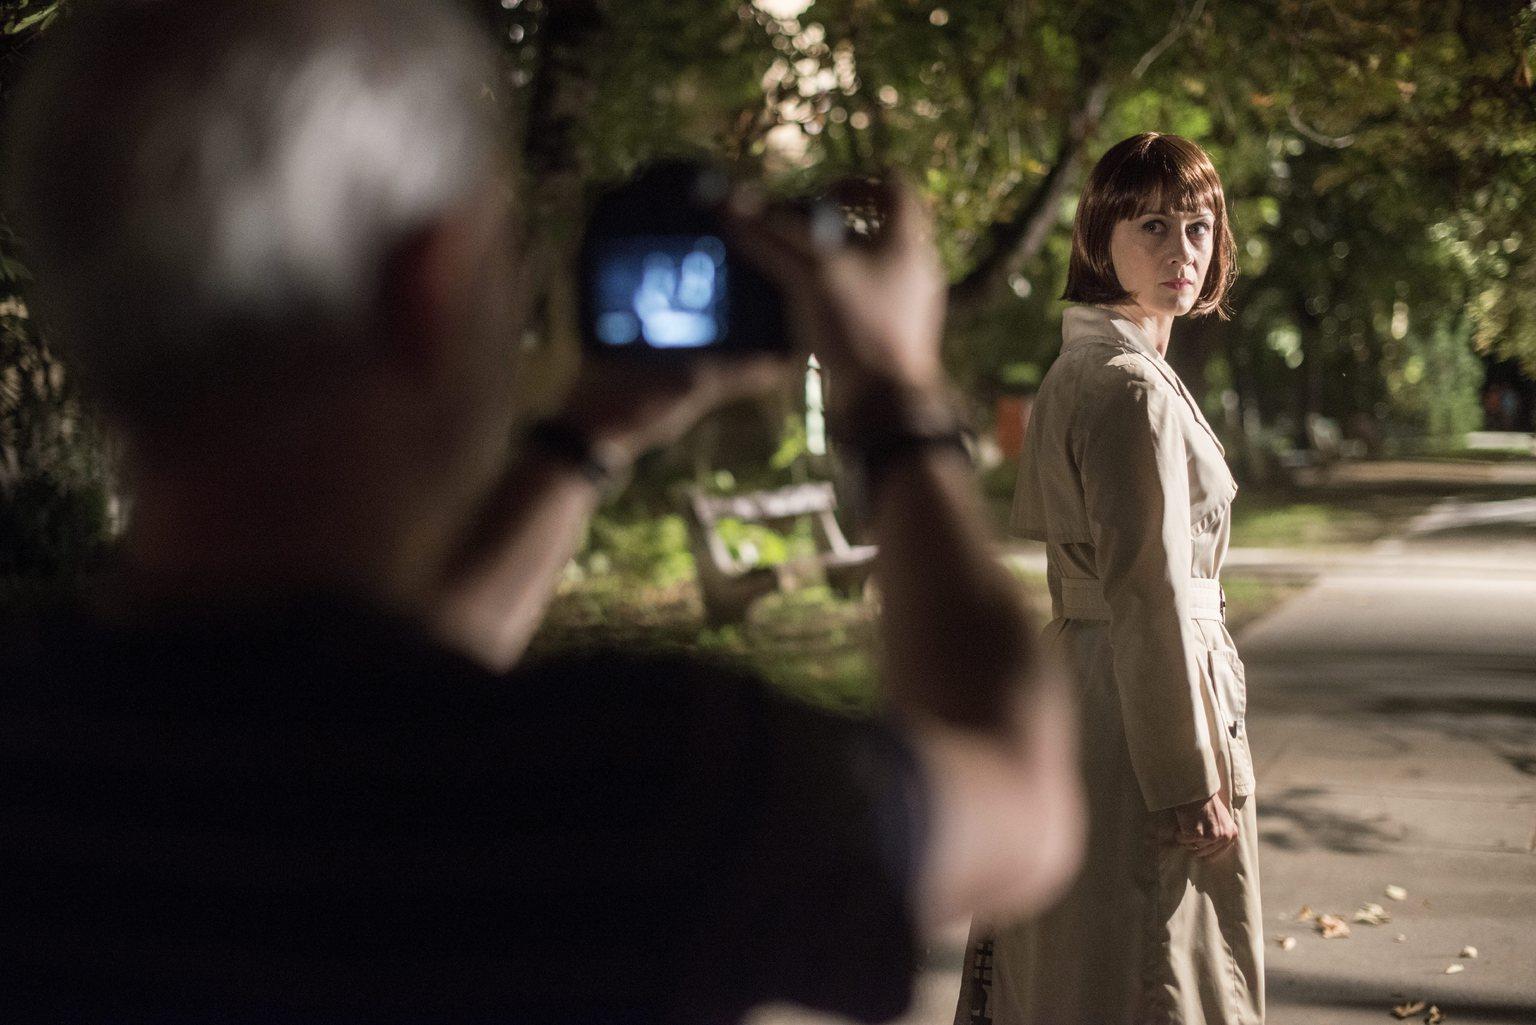 Szabó Gábor operatőr (b) és Balsai Mónika, a film egyik szereplője Sopsits Árpád a Martfűi rém című filmjének forgatásán Martfűn 2015. szeptember 3-án éjjel. MTI Fotó: Kallos Bea